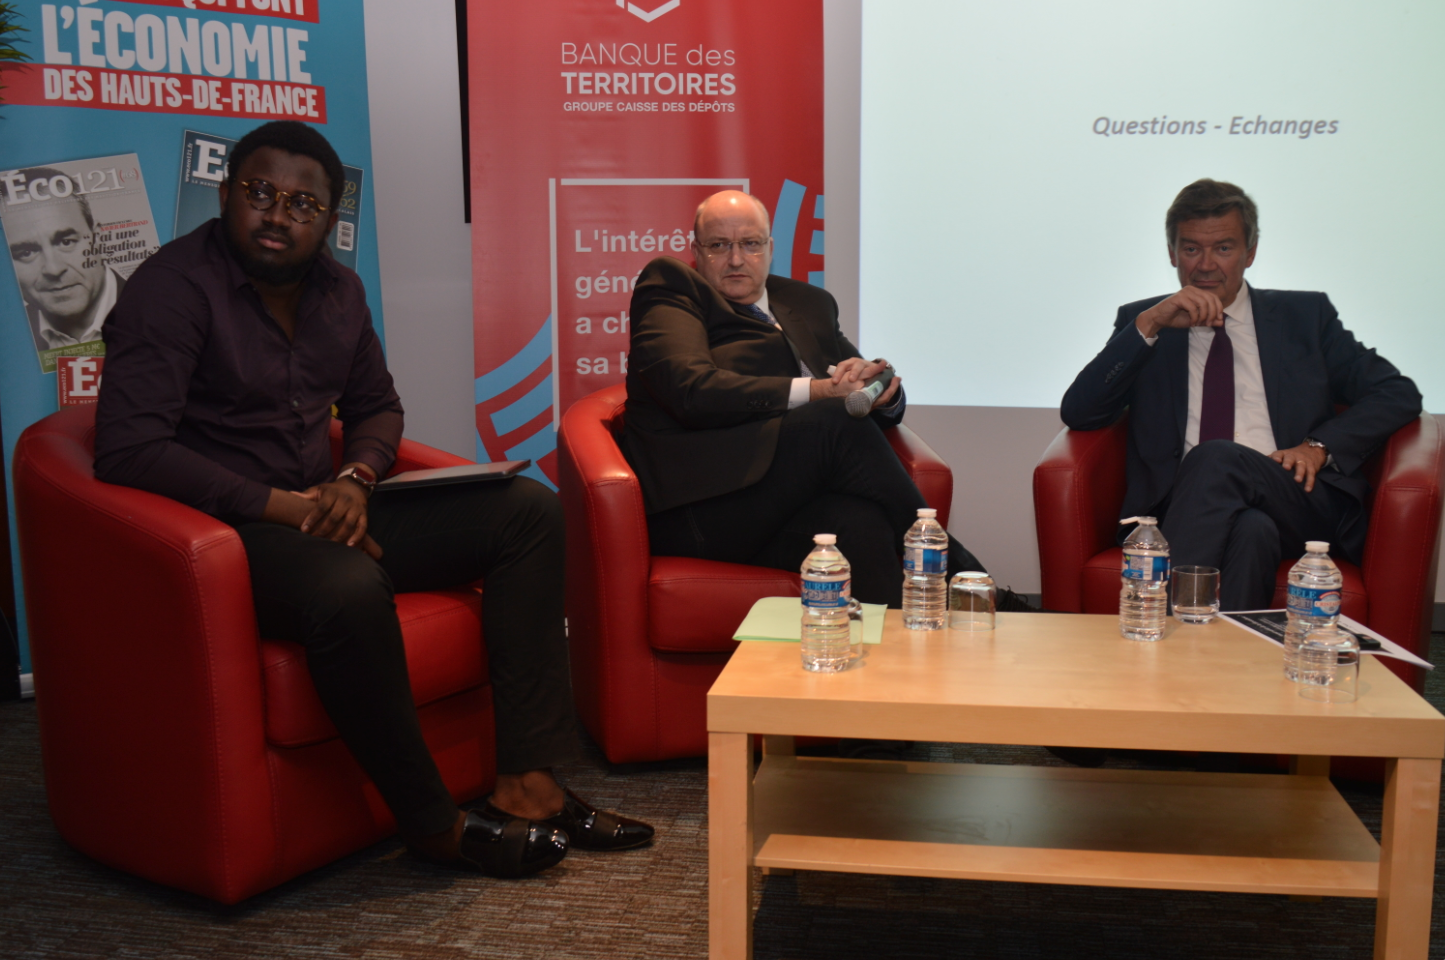 Abdoulaye Traoré, dirigeant d'Urban Labs Technologies, Damien Castelain, président de la MEL, et Philippe Hourdain, président de la CCI Hauts-de-France.